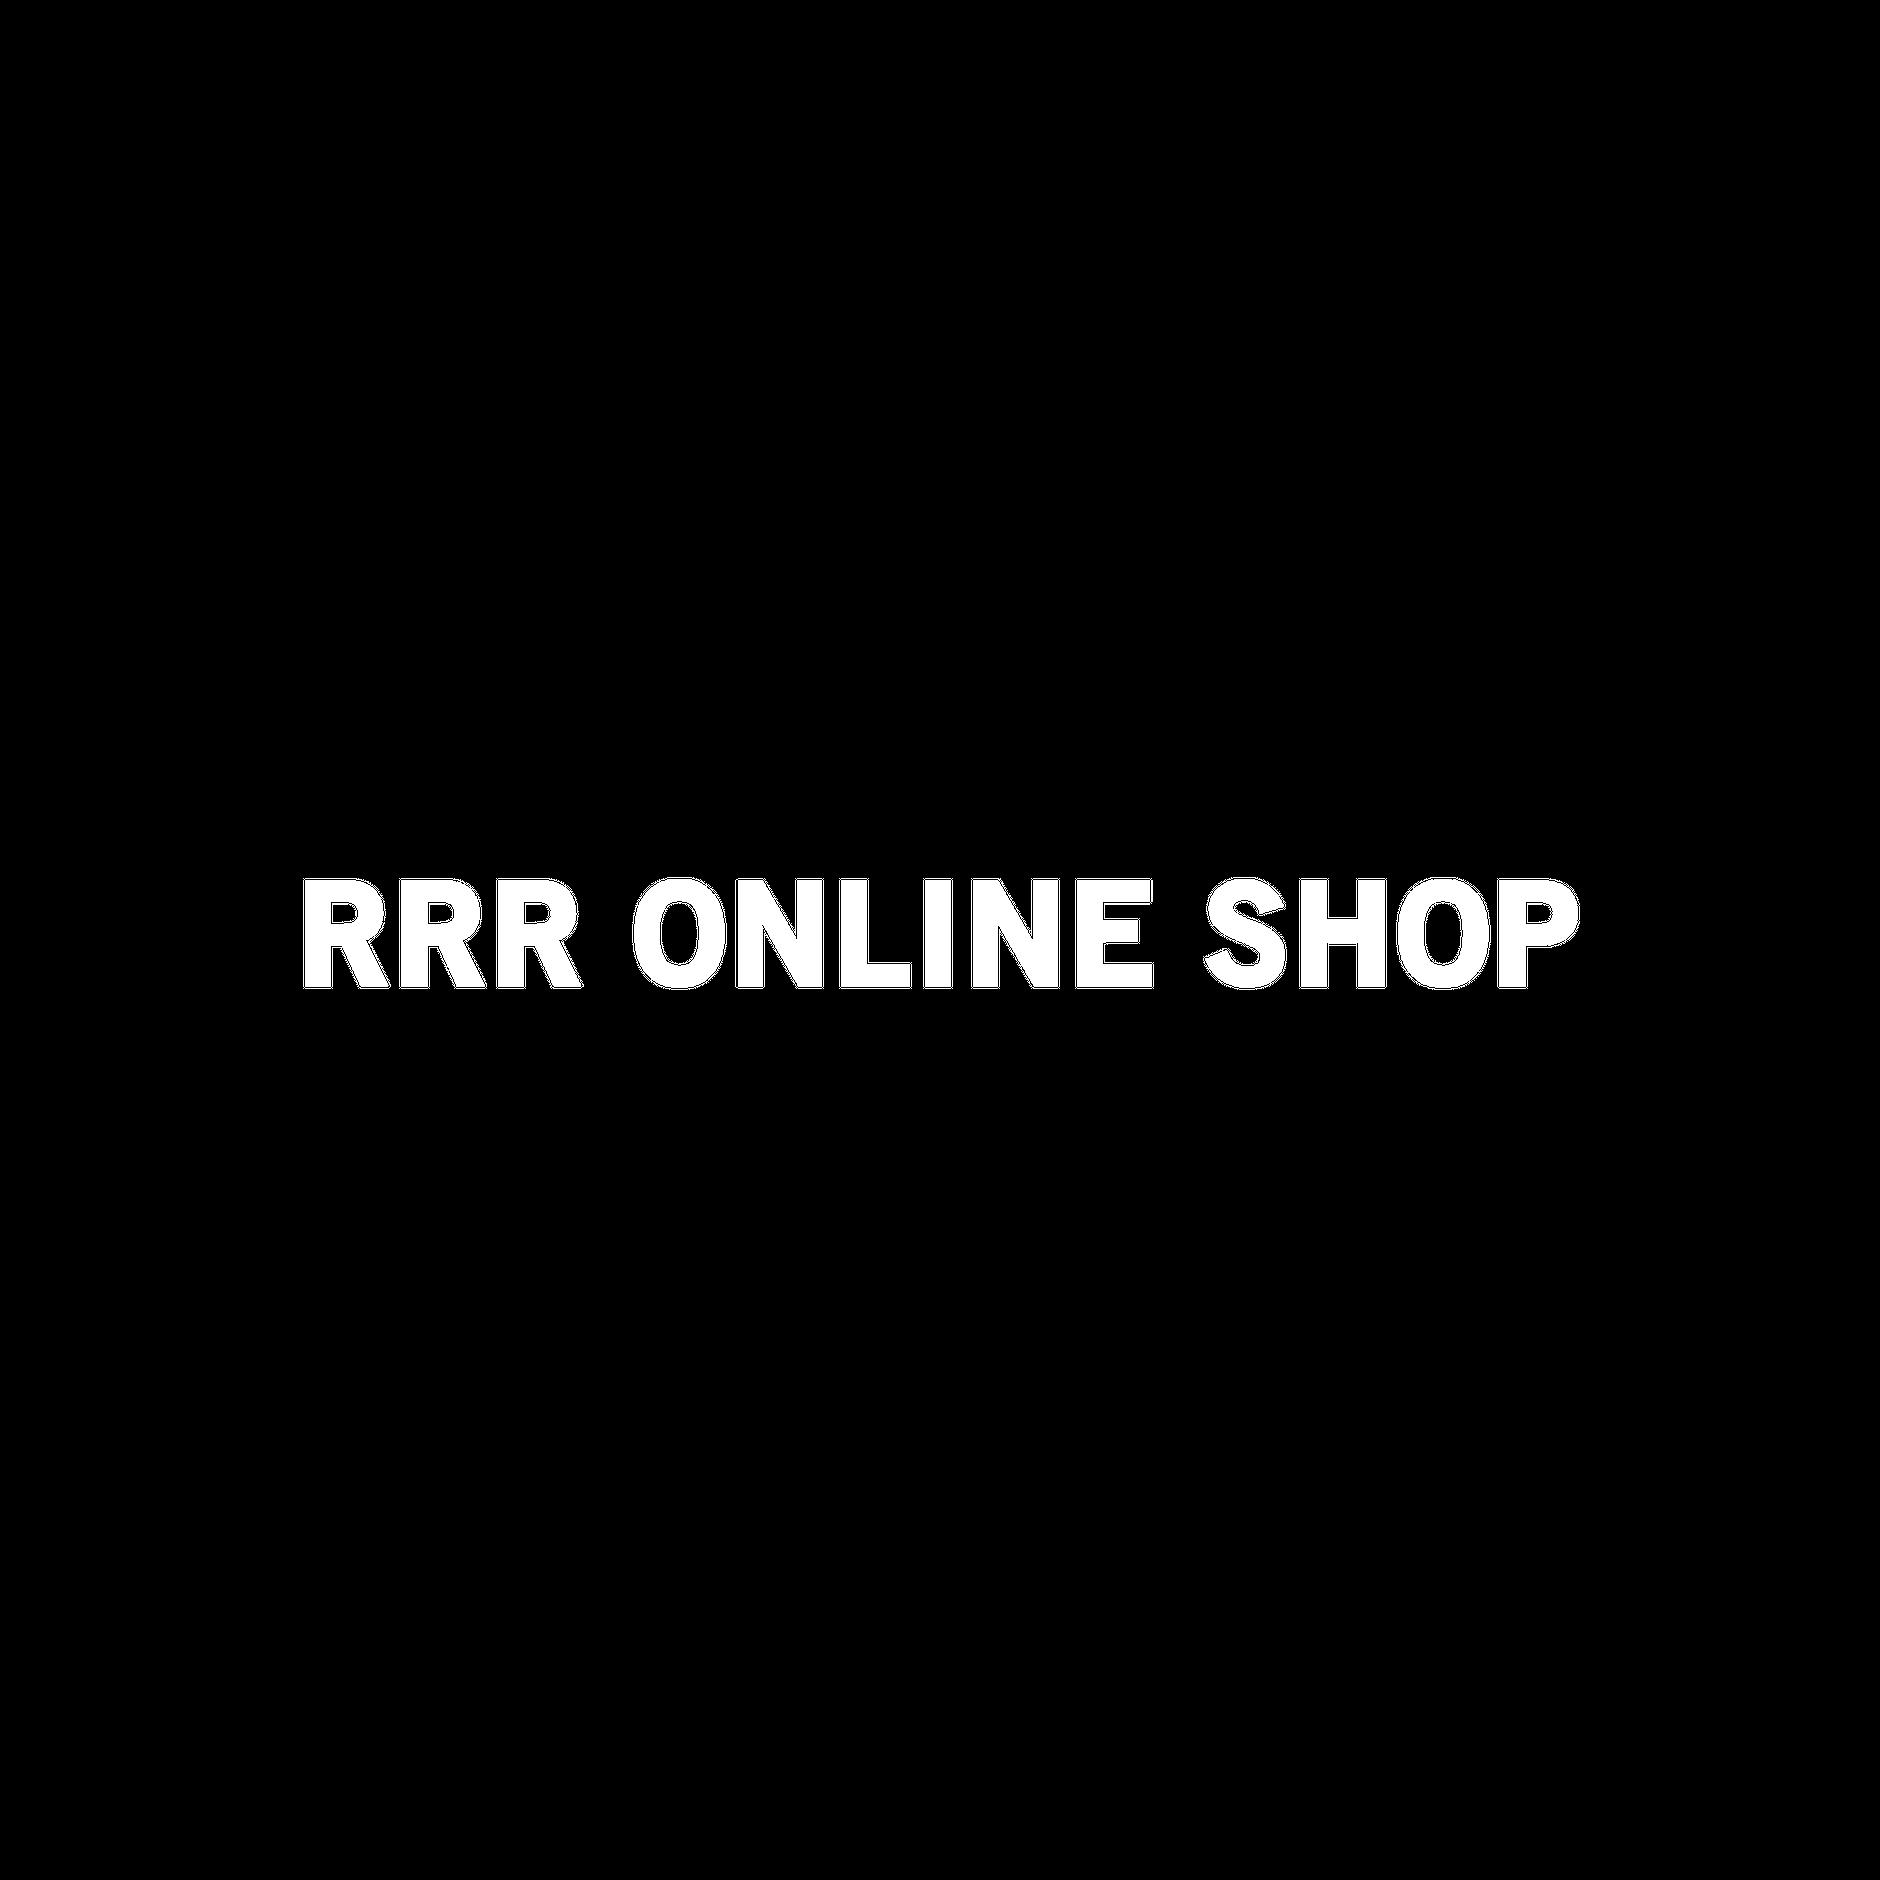 RRR ONLINE SHOP